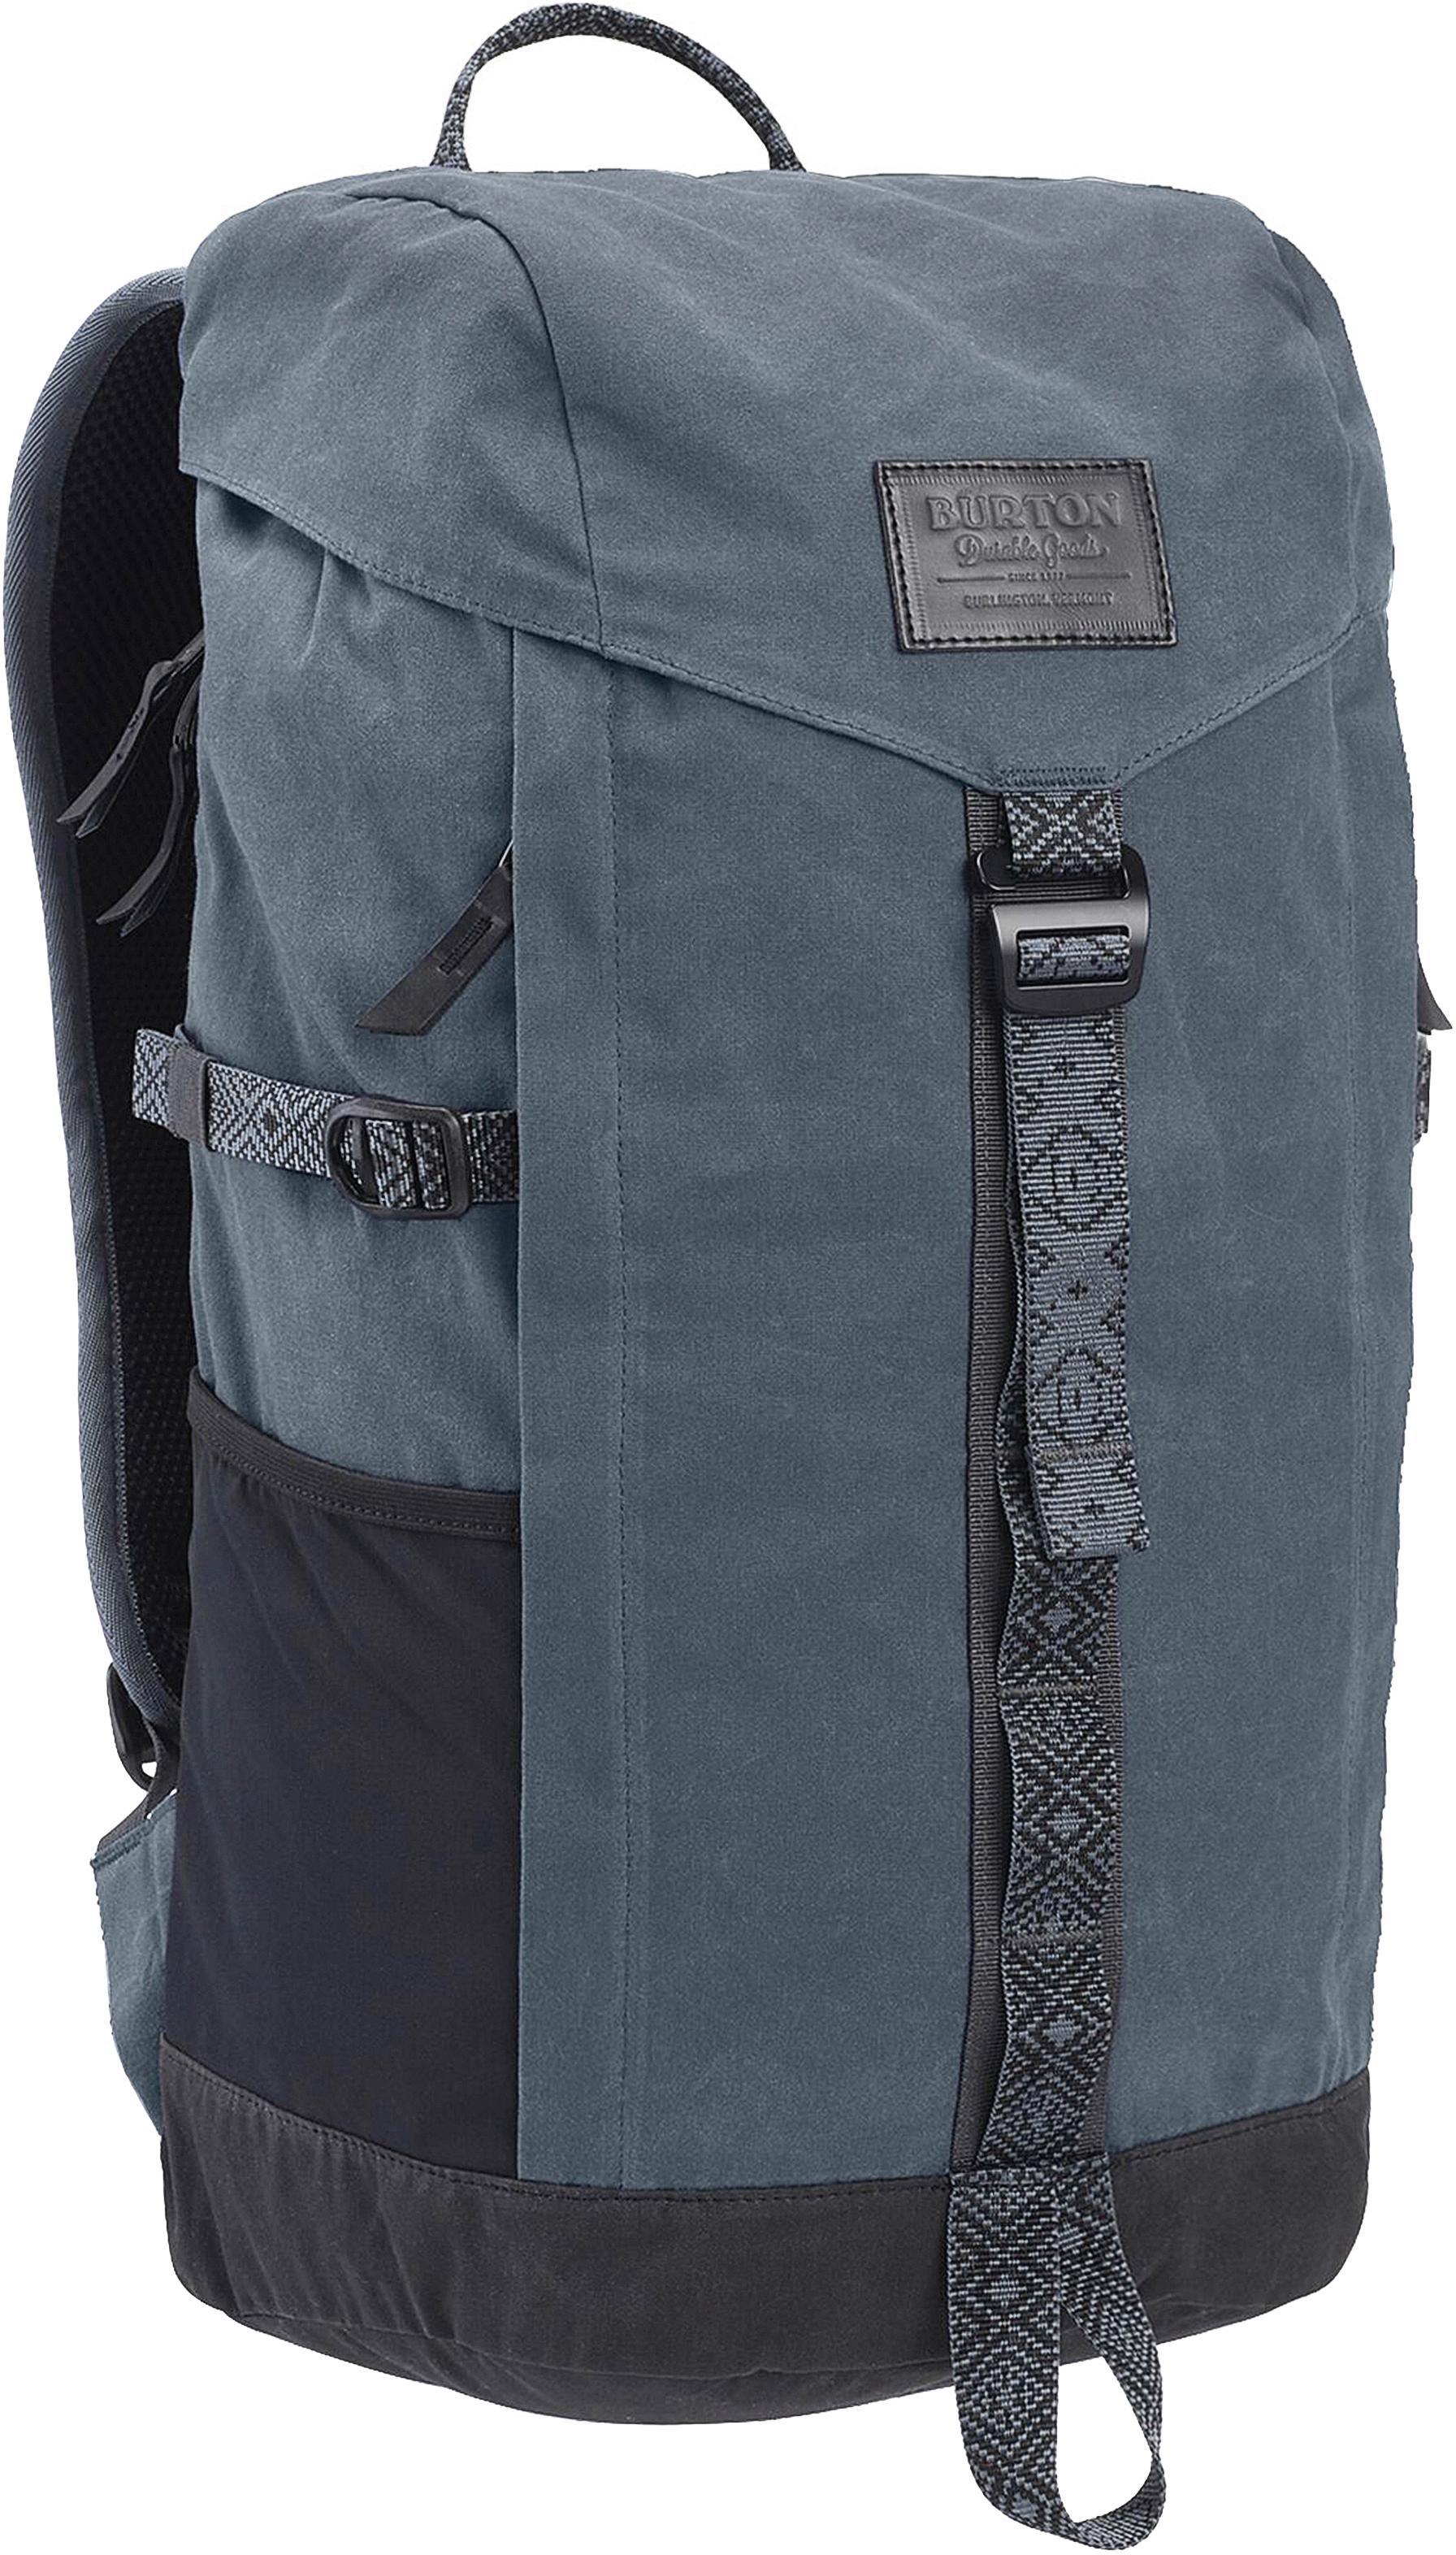 BURTON DG Daypack »Chilcoot, Dark Slate« | Taschen > Rucksäcke > Freizeitrucksäcke | BURTON DG